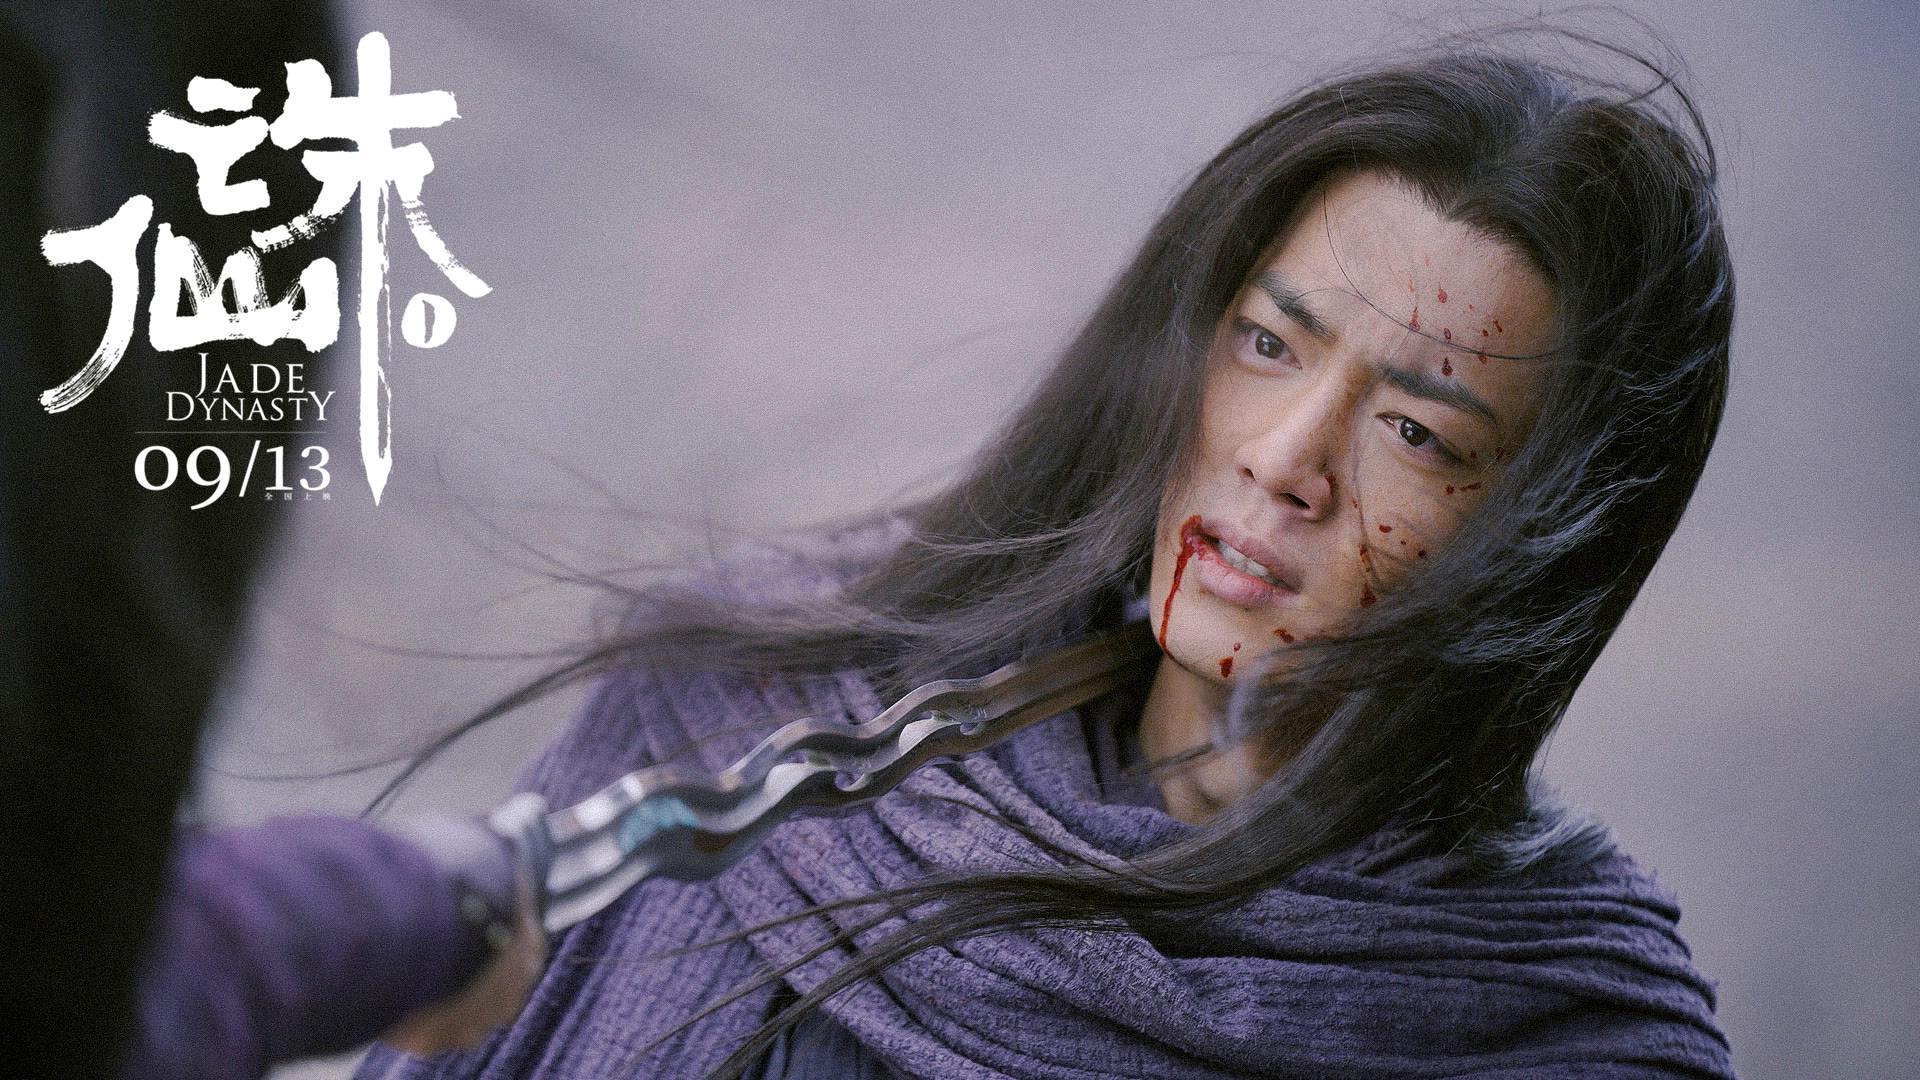 《诛仙》上映两周年,肖战的首次银幕大制作,粉丝表示:恍如昨日